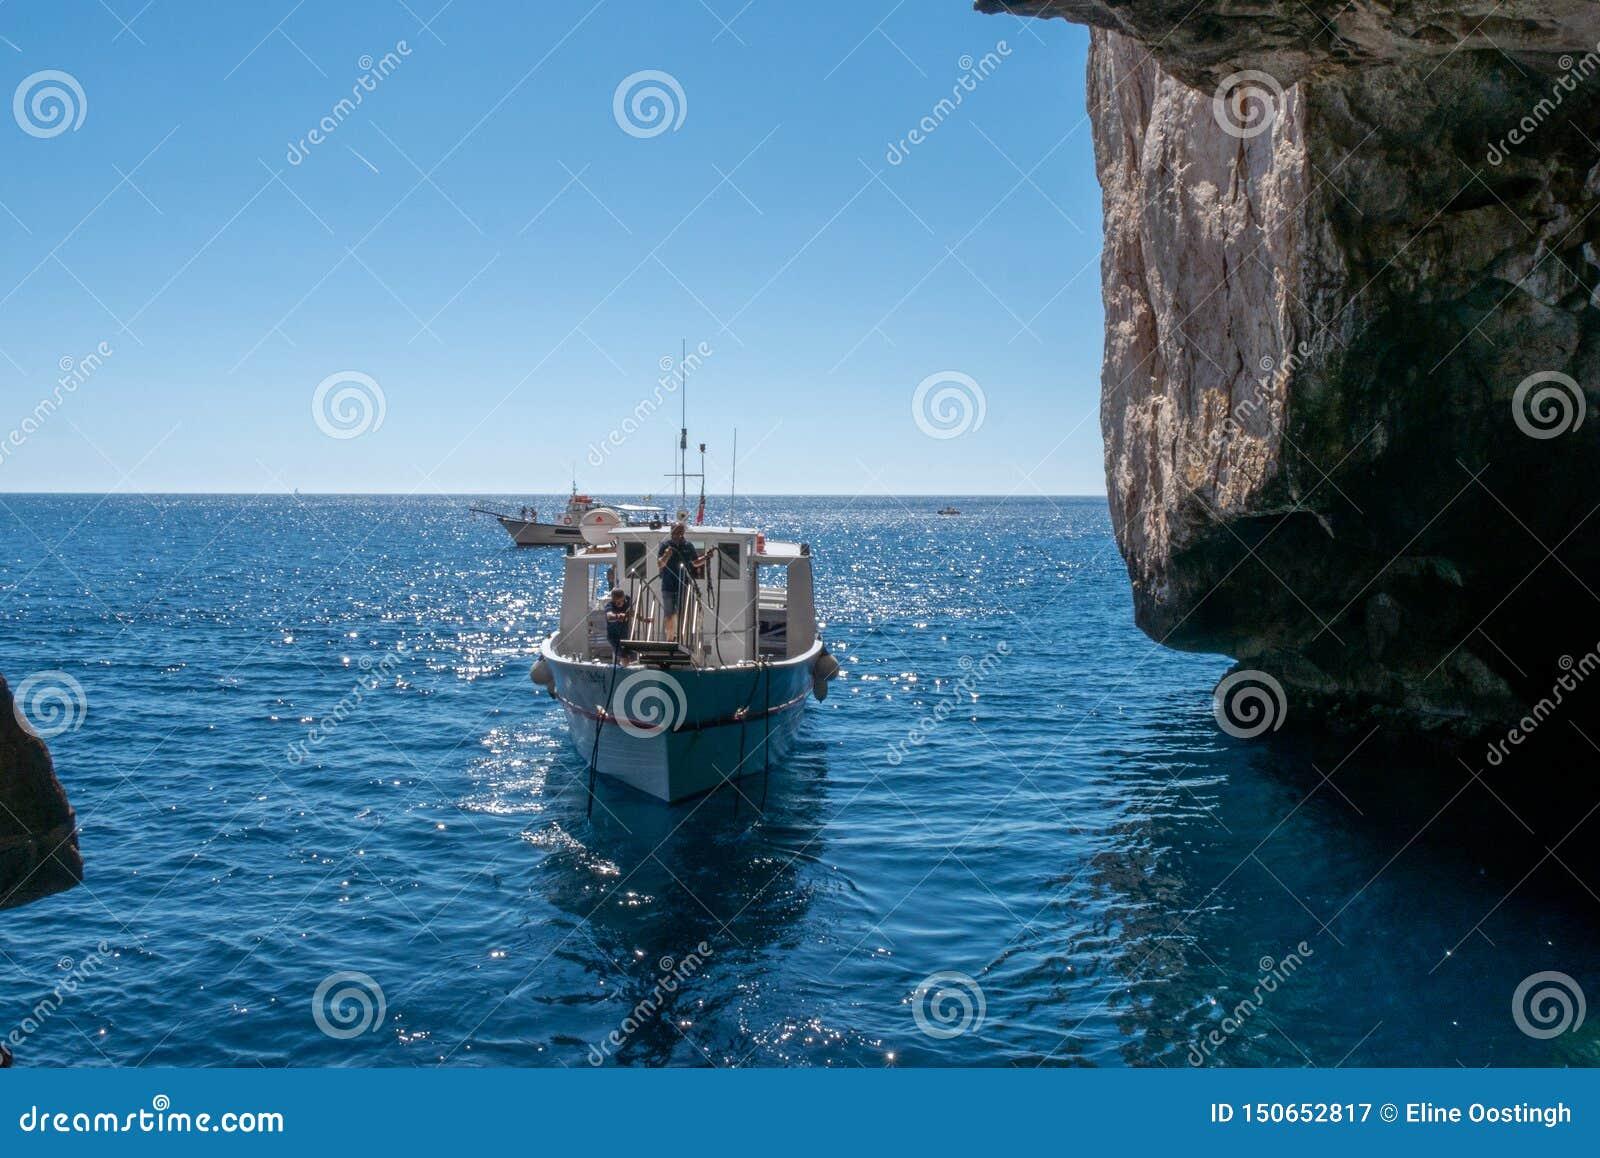 Voyage de bateau autour du grotta di nettuno